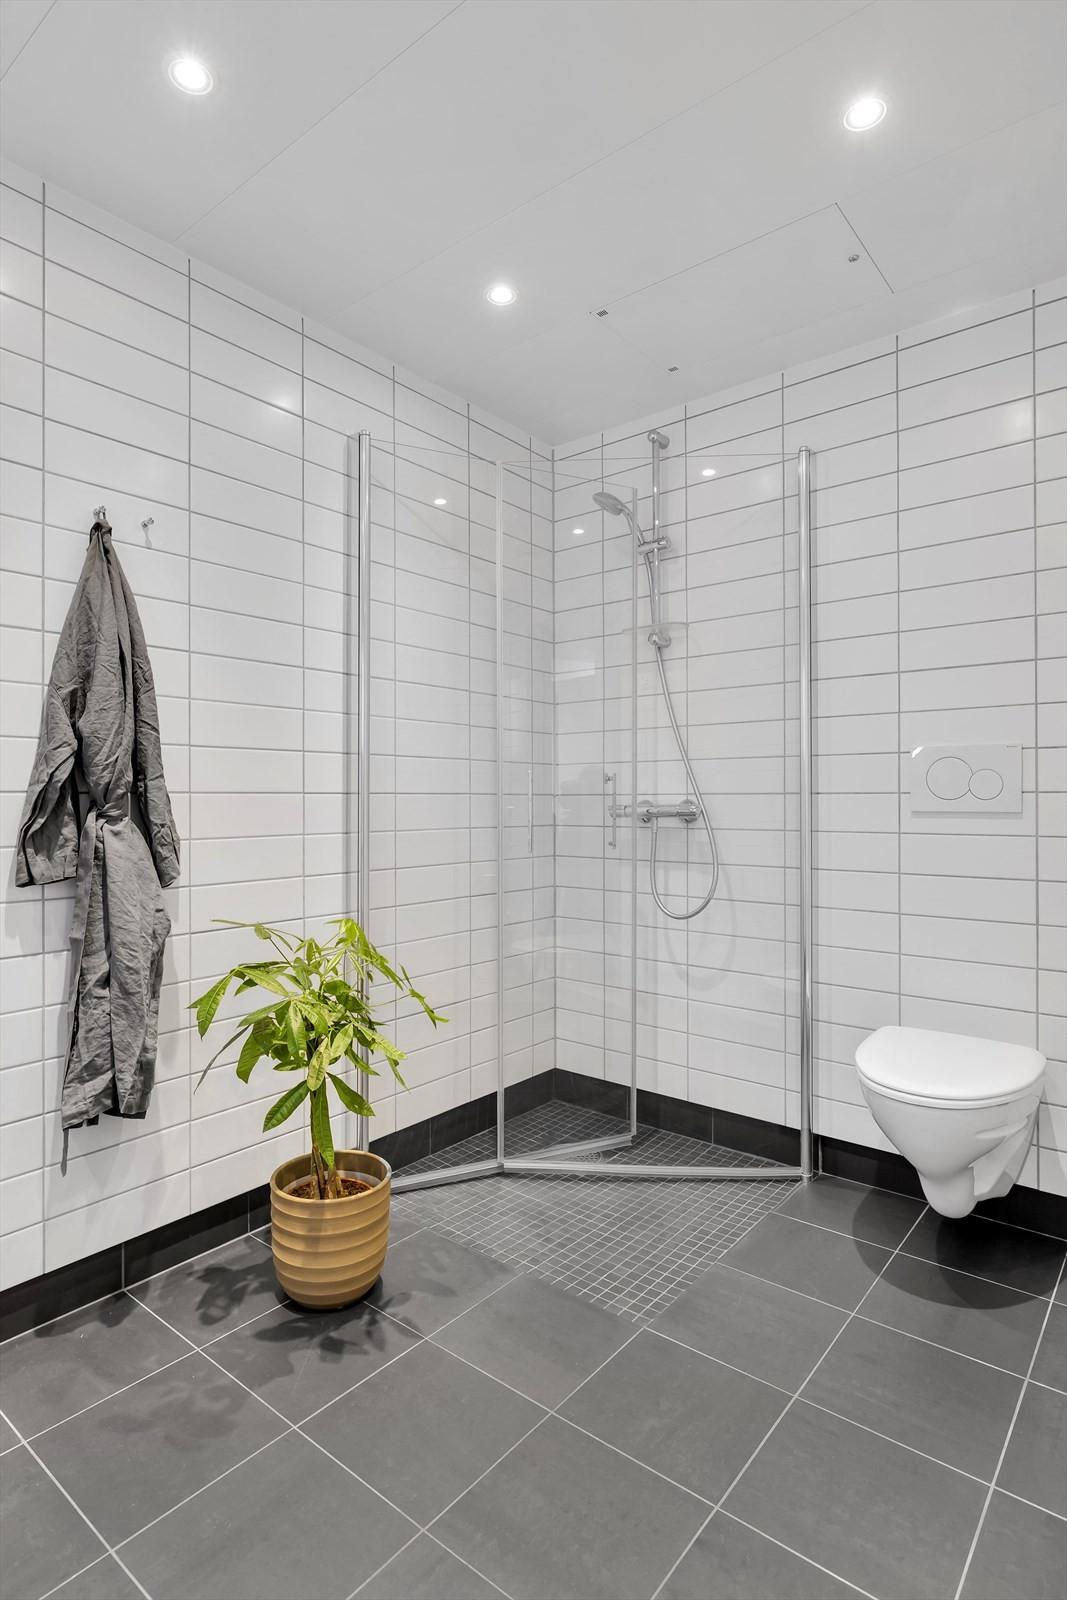 Vegghengt WC skål og innslagbare dusjdører i dusjnisjen